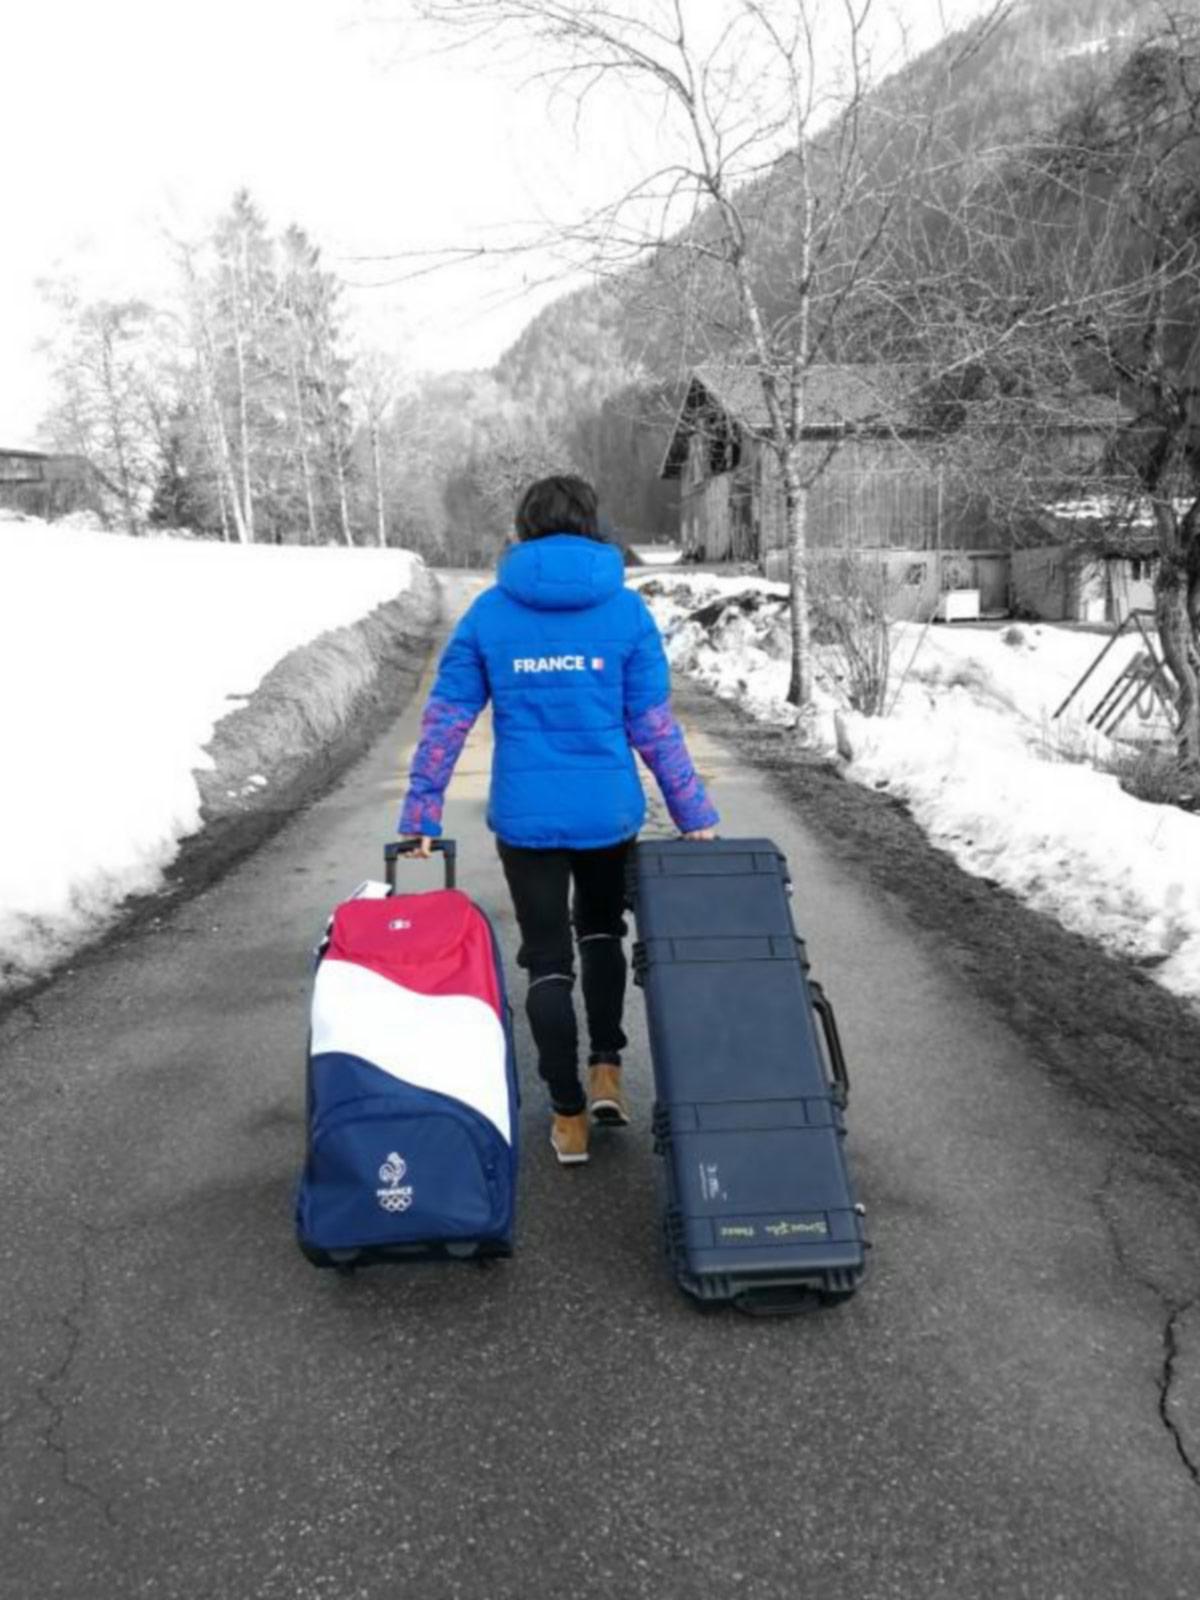 peli pro team julia simon french savoie ski athlete